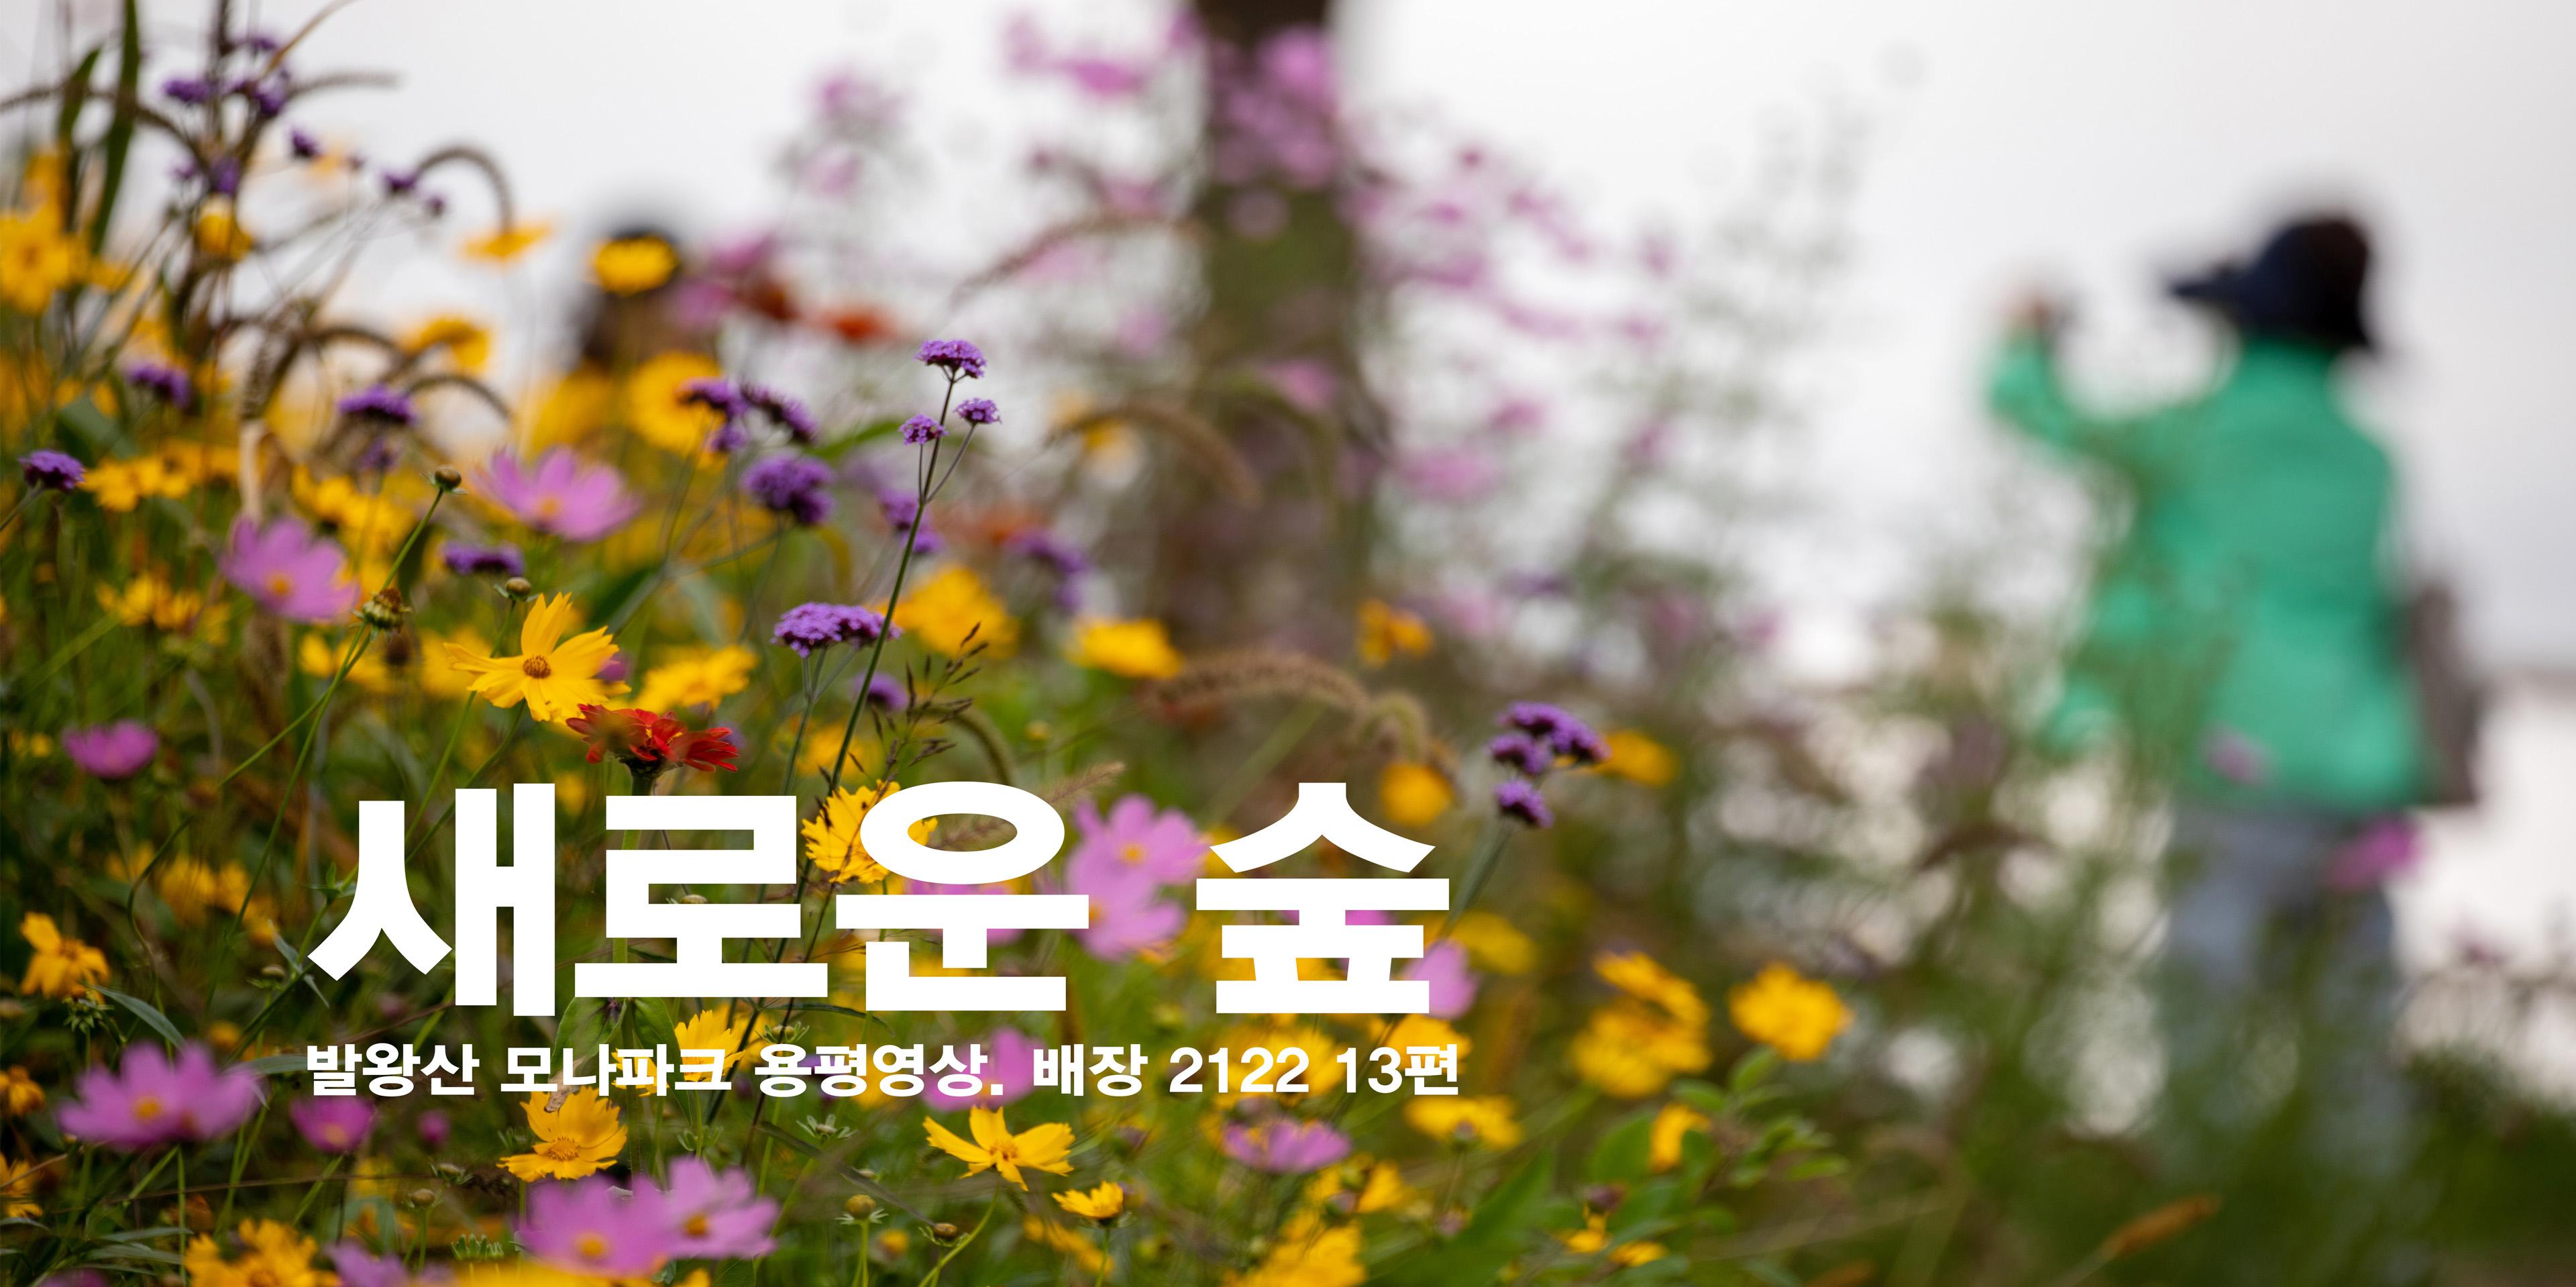 애니포레(용평알파카농장+독일가문비치유숲길) _ 용평영상.배장 2122 13편